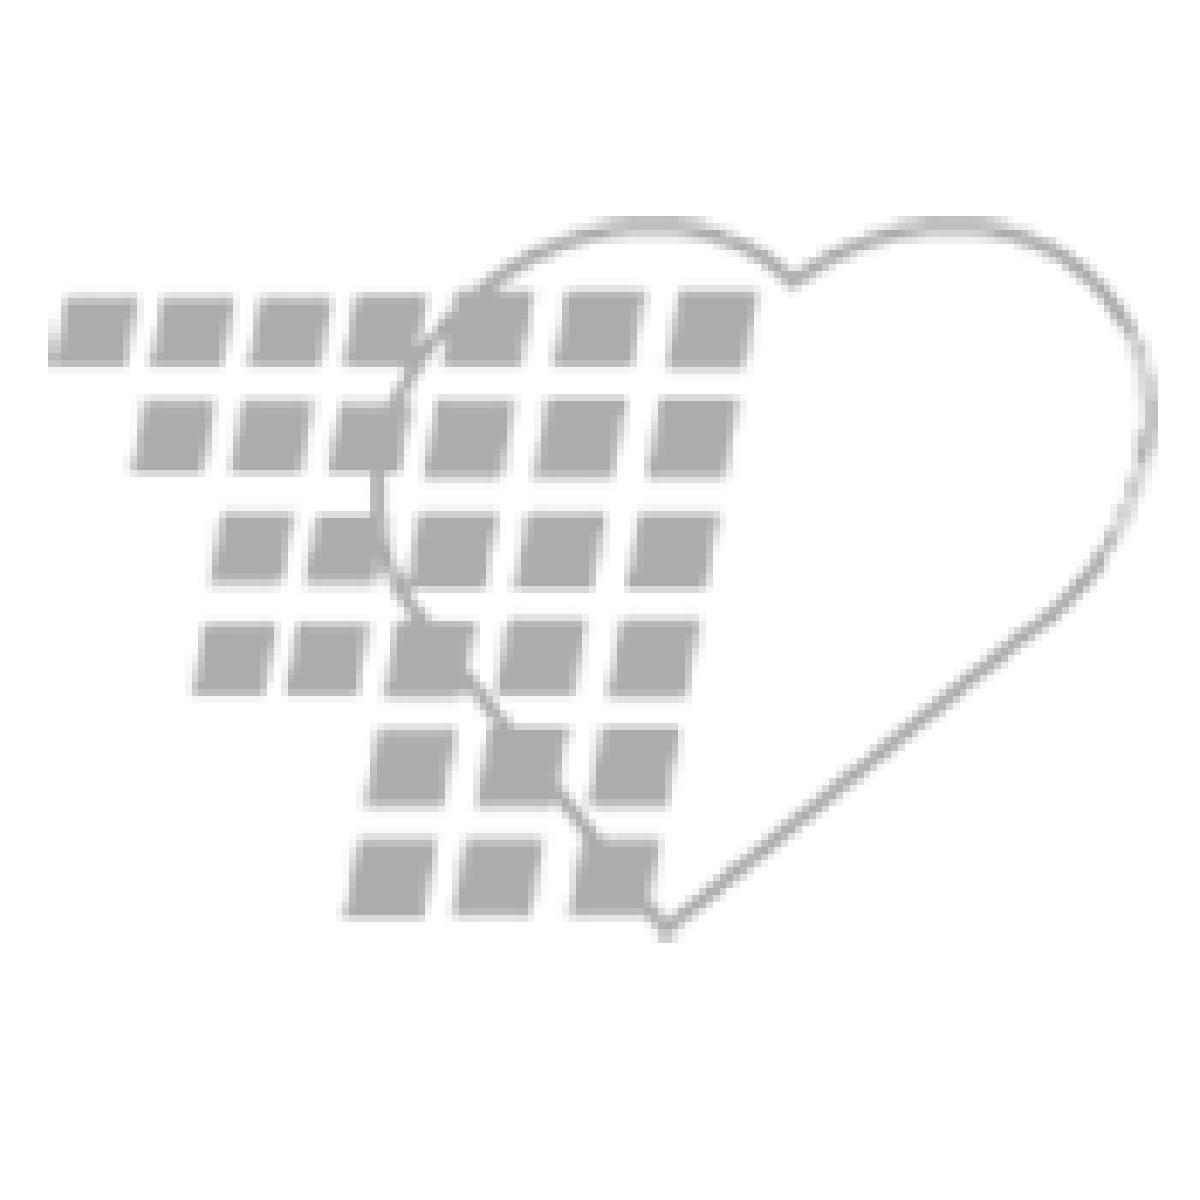 06-93-0061 - Demo Dose® PredniSON (Orason) 5 mg - 100 Pills/Box